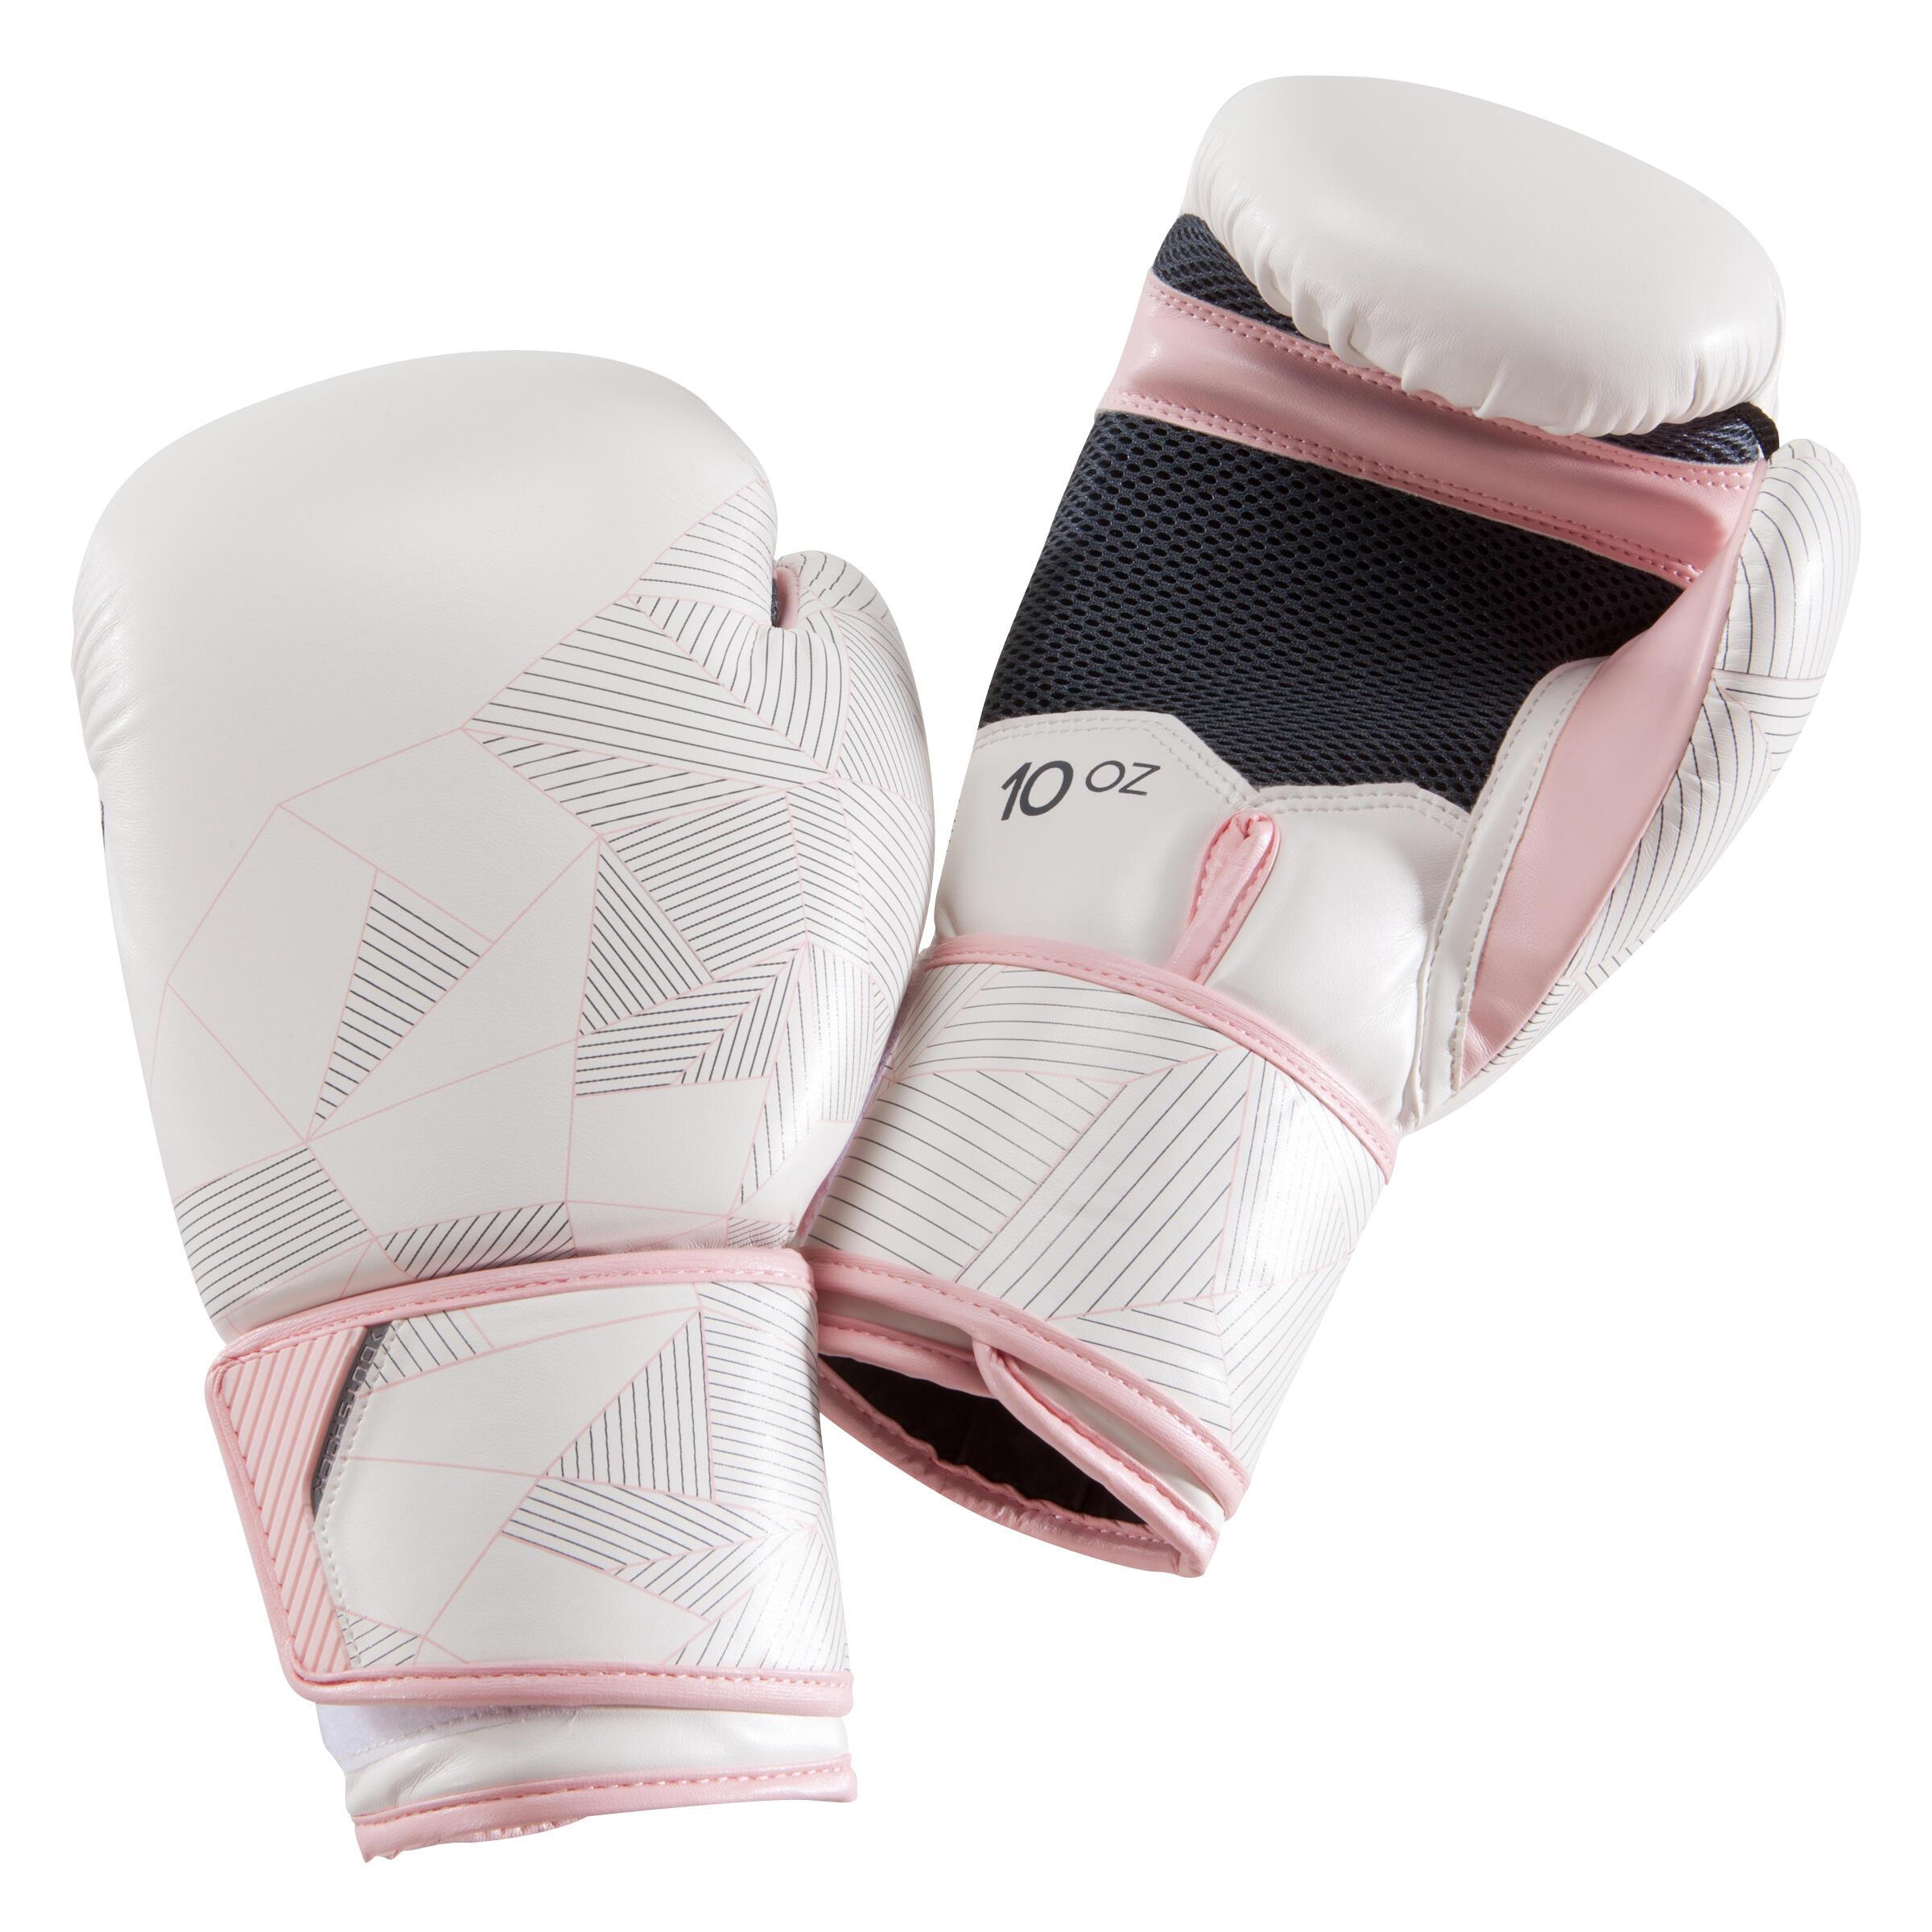 Outshock Bokshandschoenen 300 wit/roze, trainingshandschoenen voor beginners heren/dames